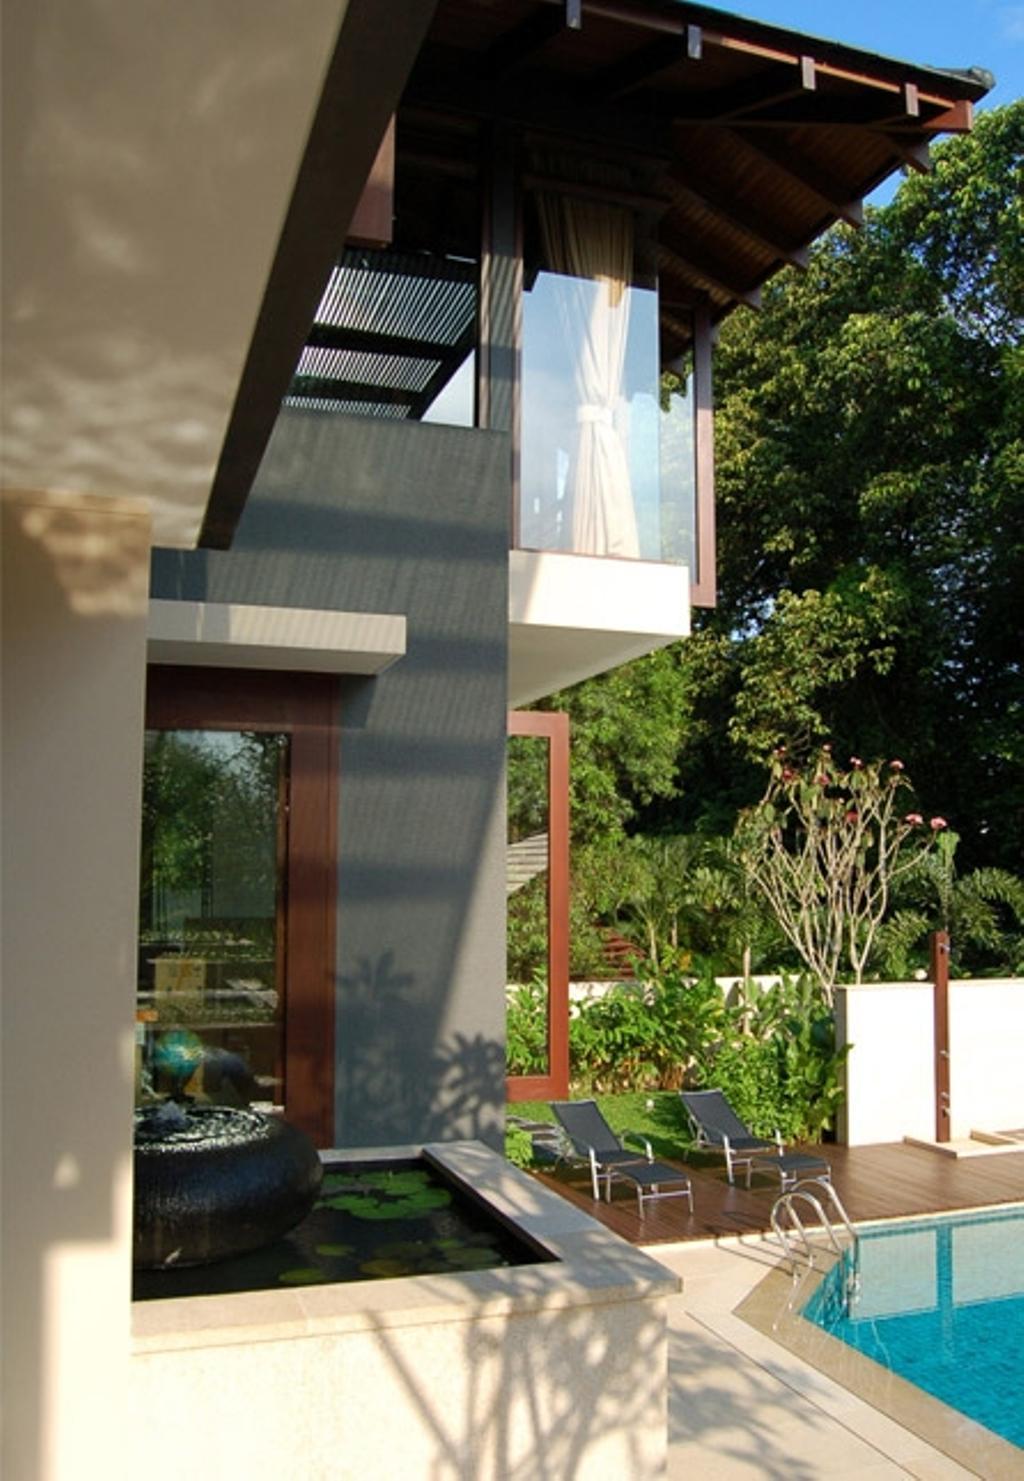 Contemporary, Landed, Mount Echo Park, Architect, Timur Designs, Flora, Jar, Plant, Potted Plant, Pottery, Vase